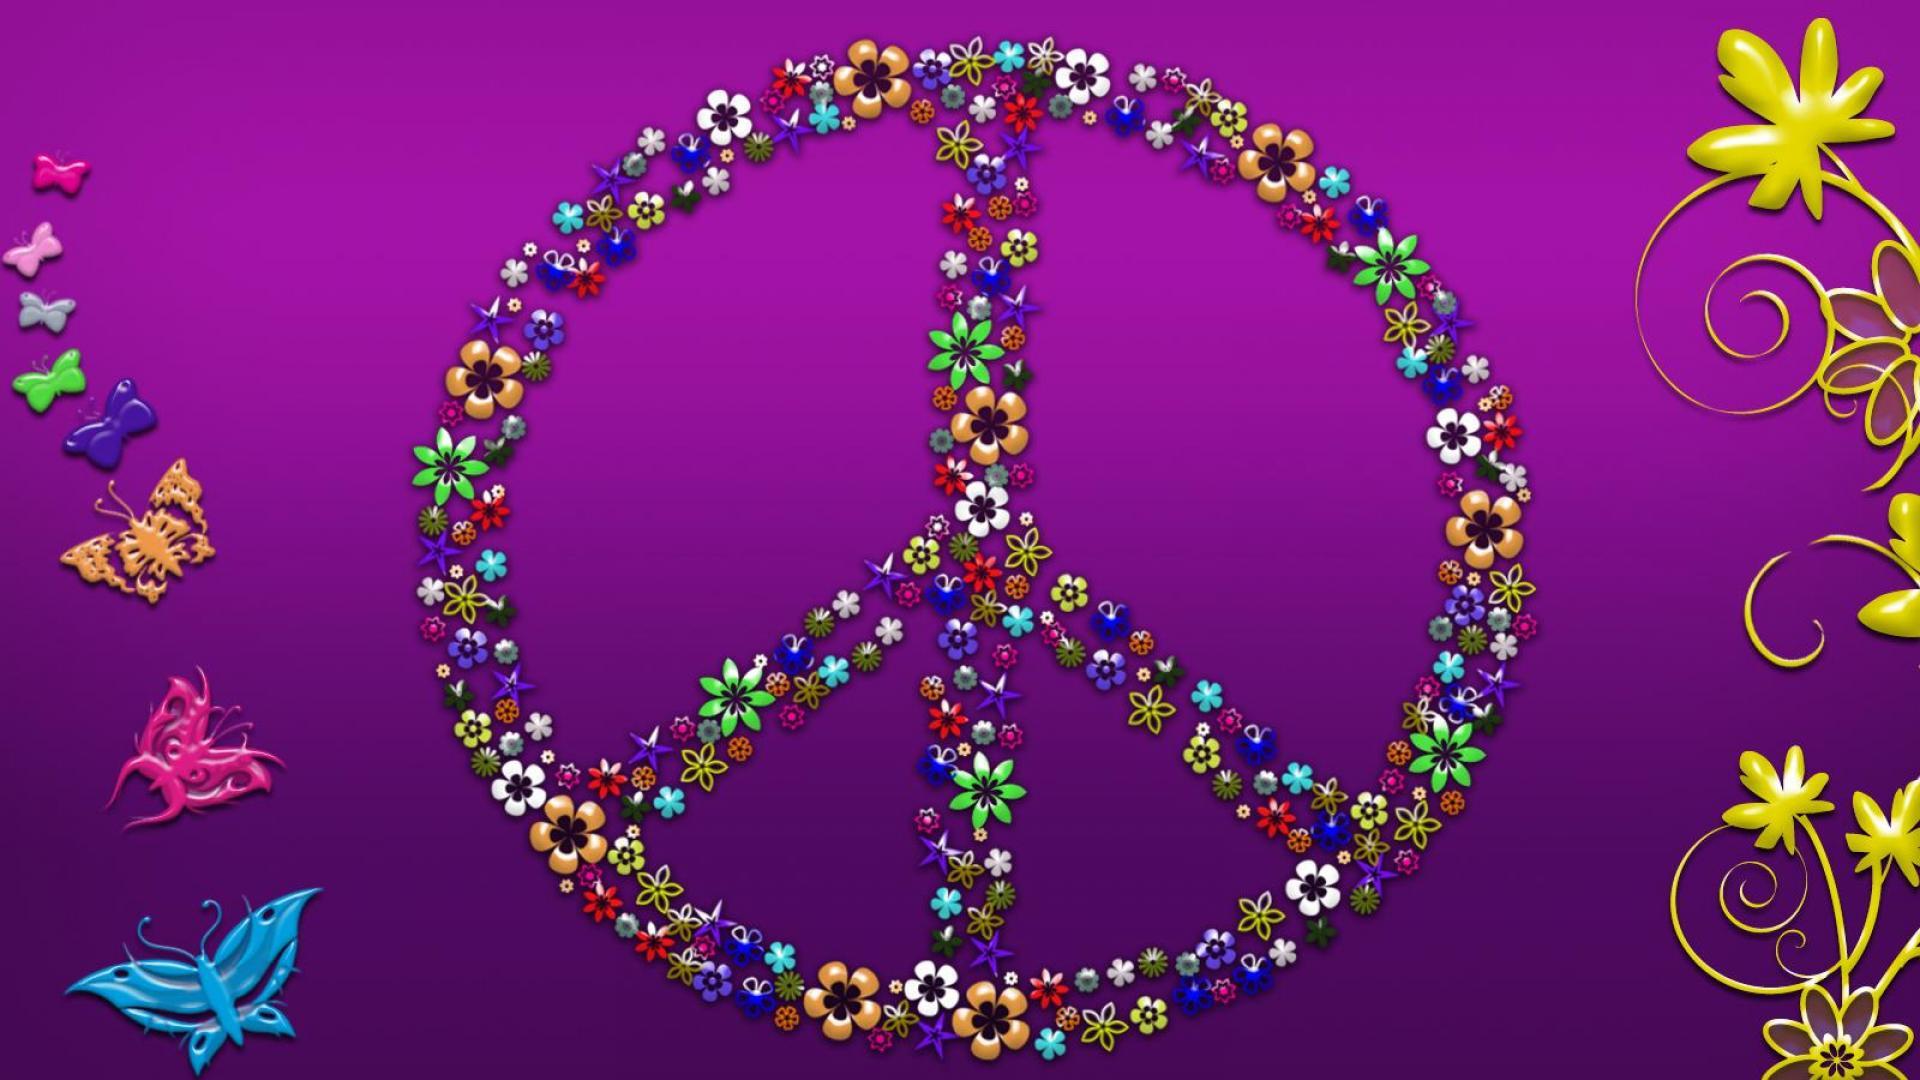 3d Free Fall Nature Wallpaper Hippie Backgrounds Pixelstalk Net